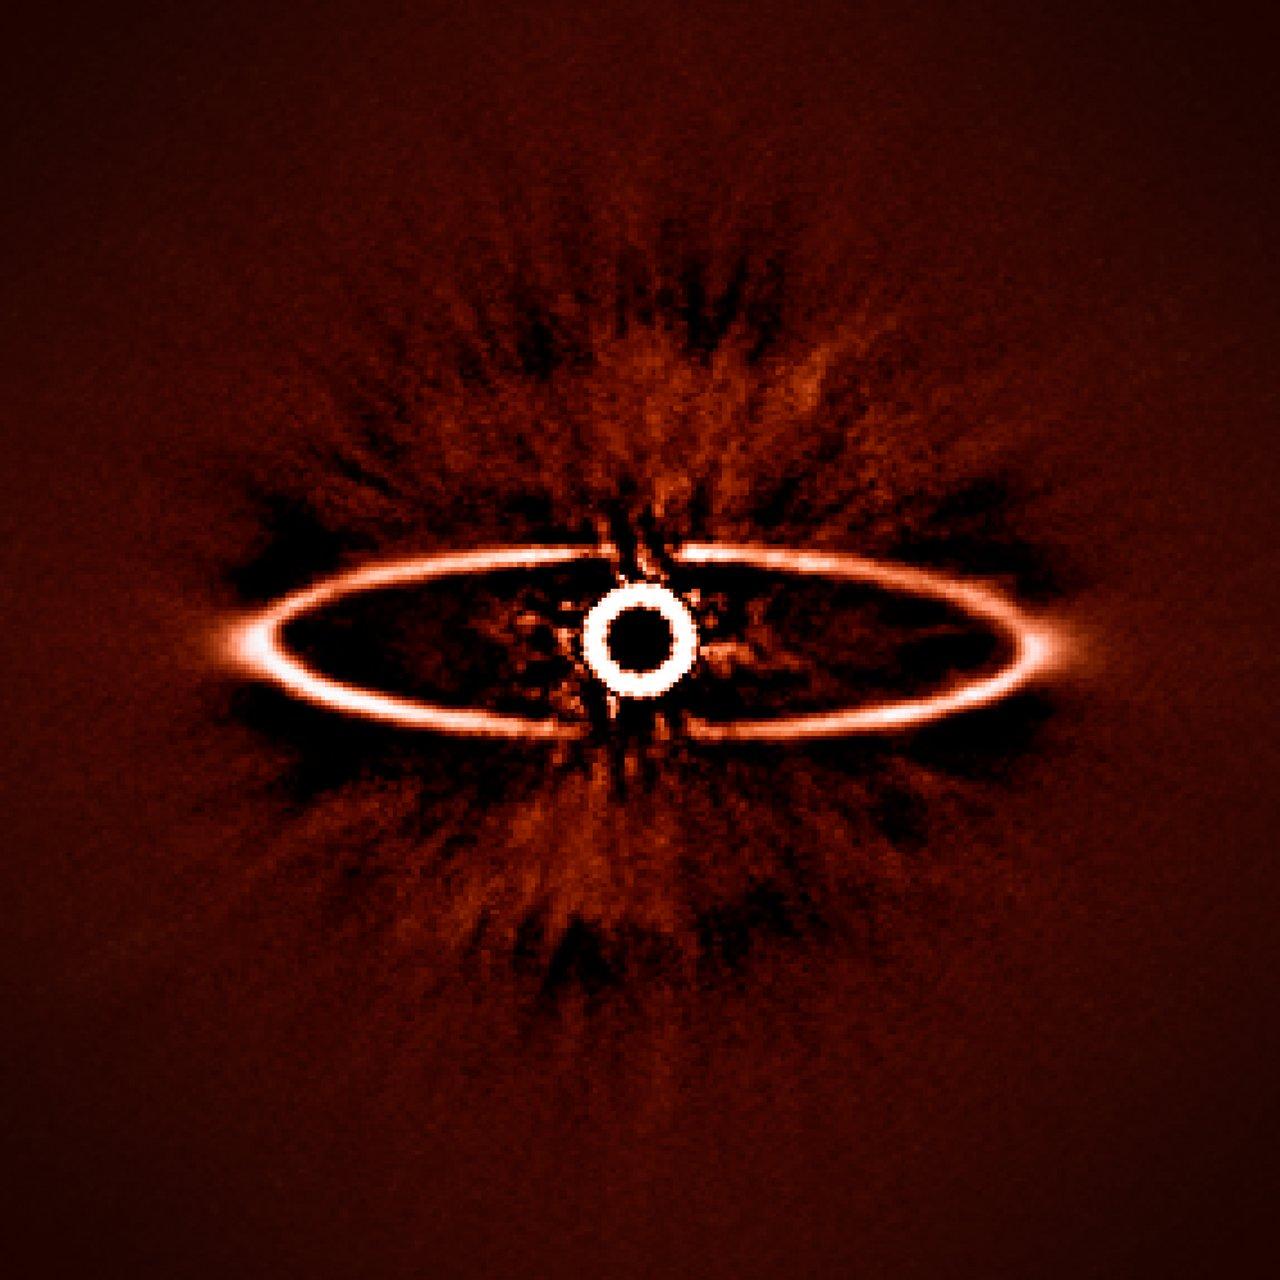 02-ESO-NEDELJNE VESTI IZ ASTRONOMIJE - 2014. Eso1417a